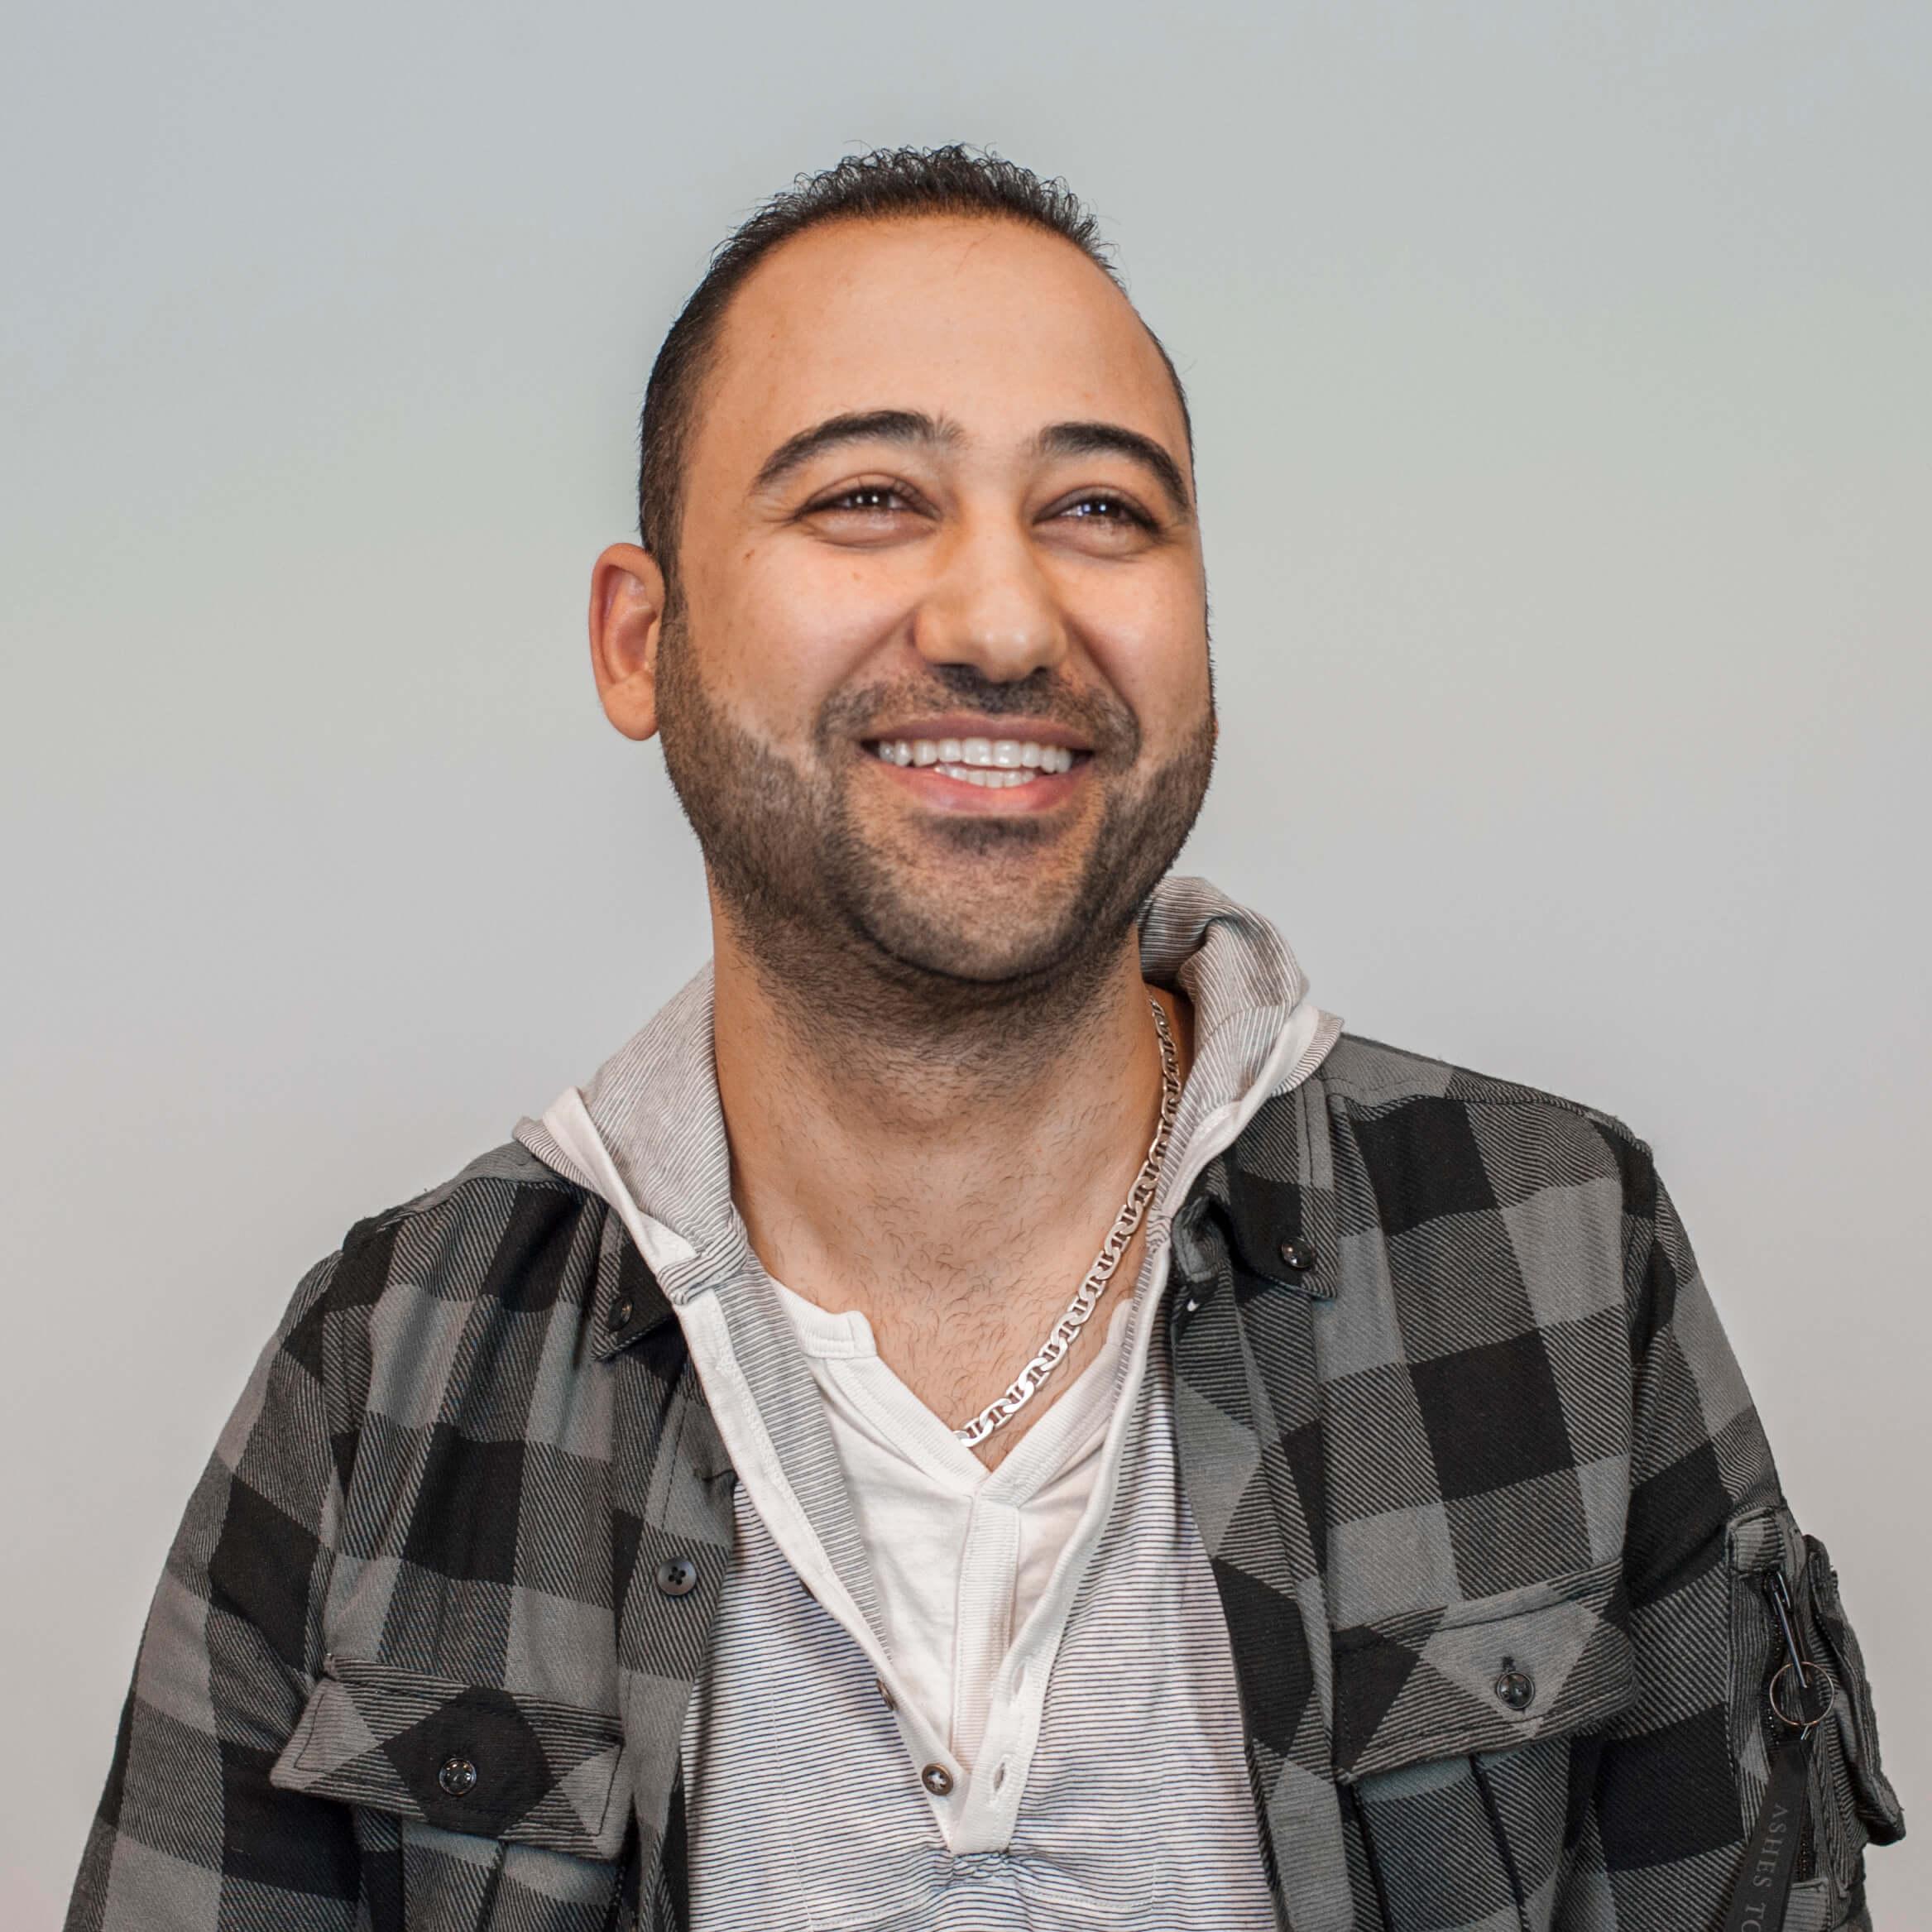 Ahmad M